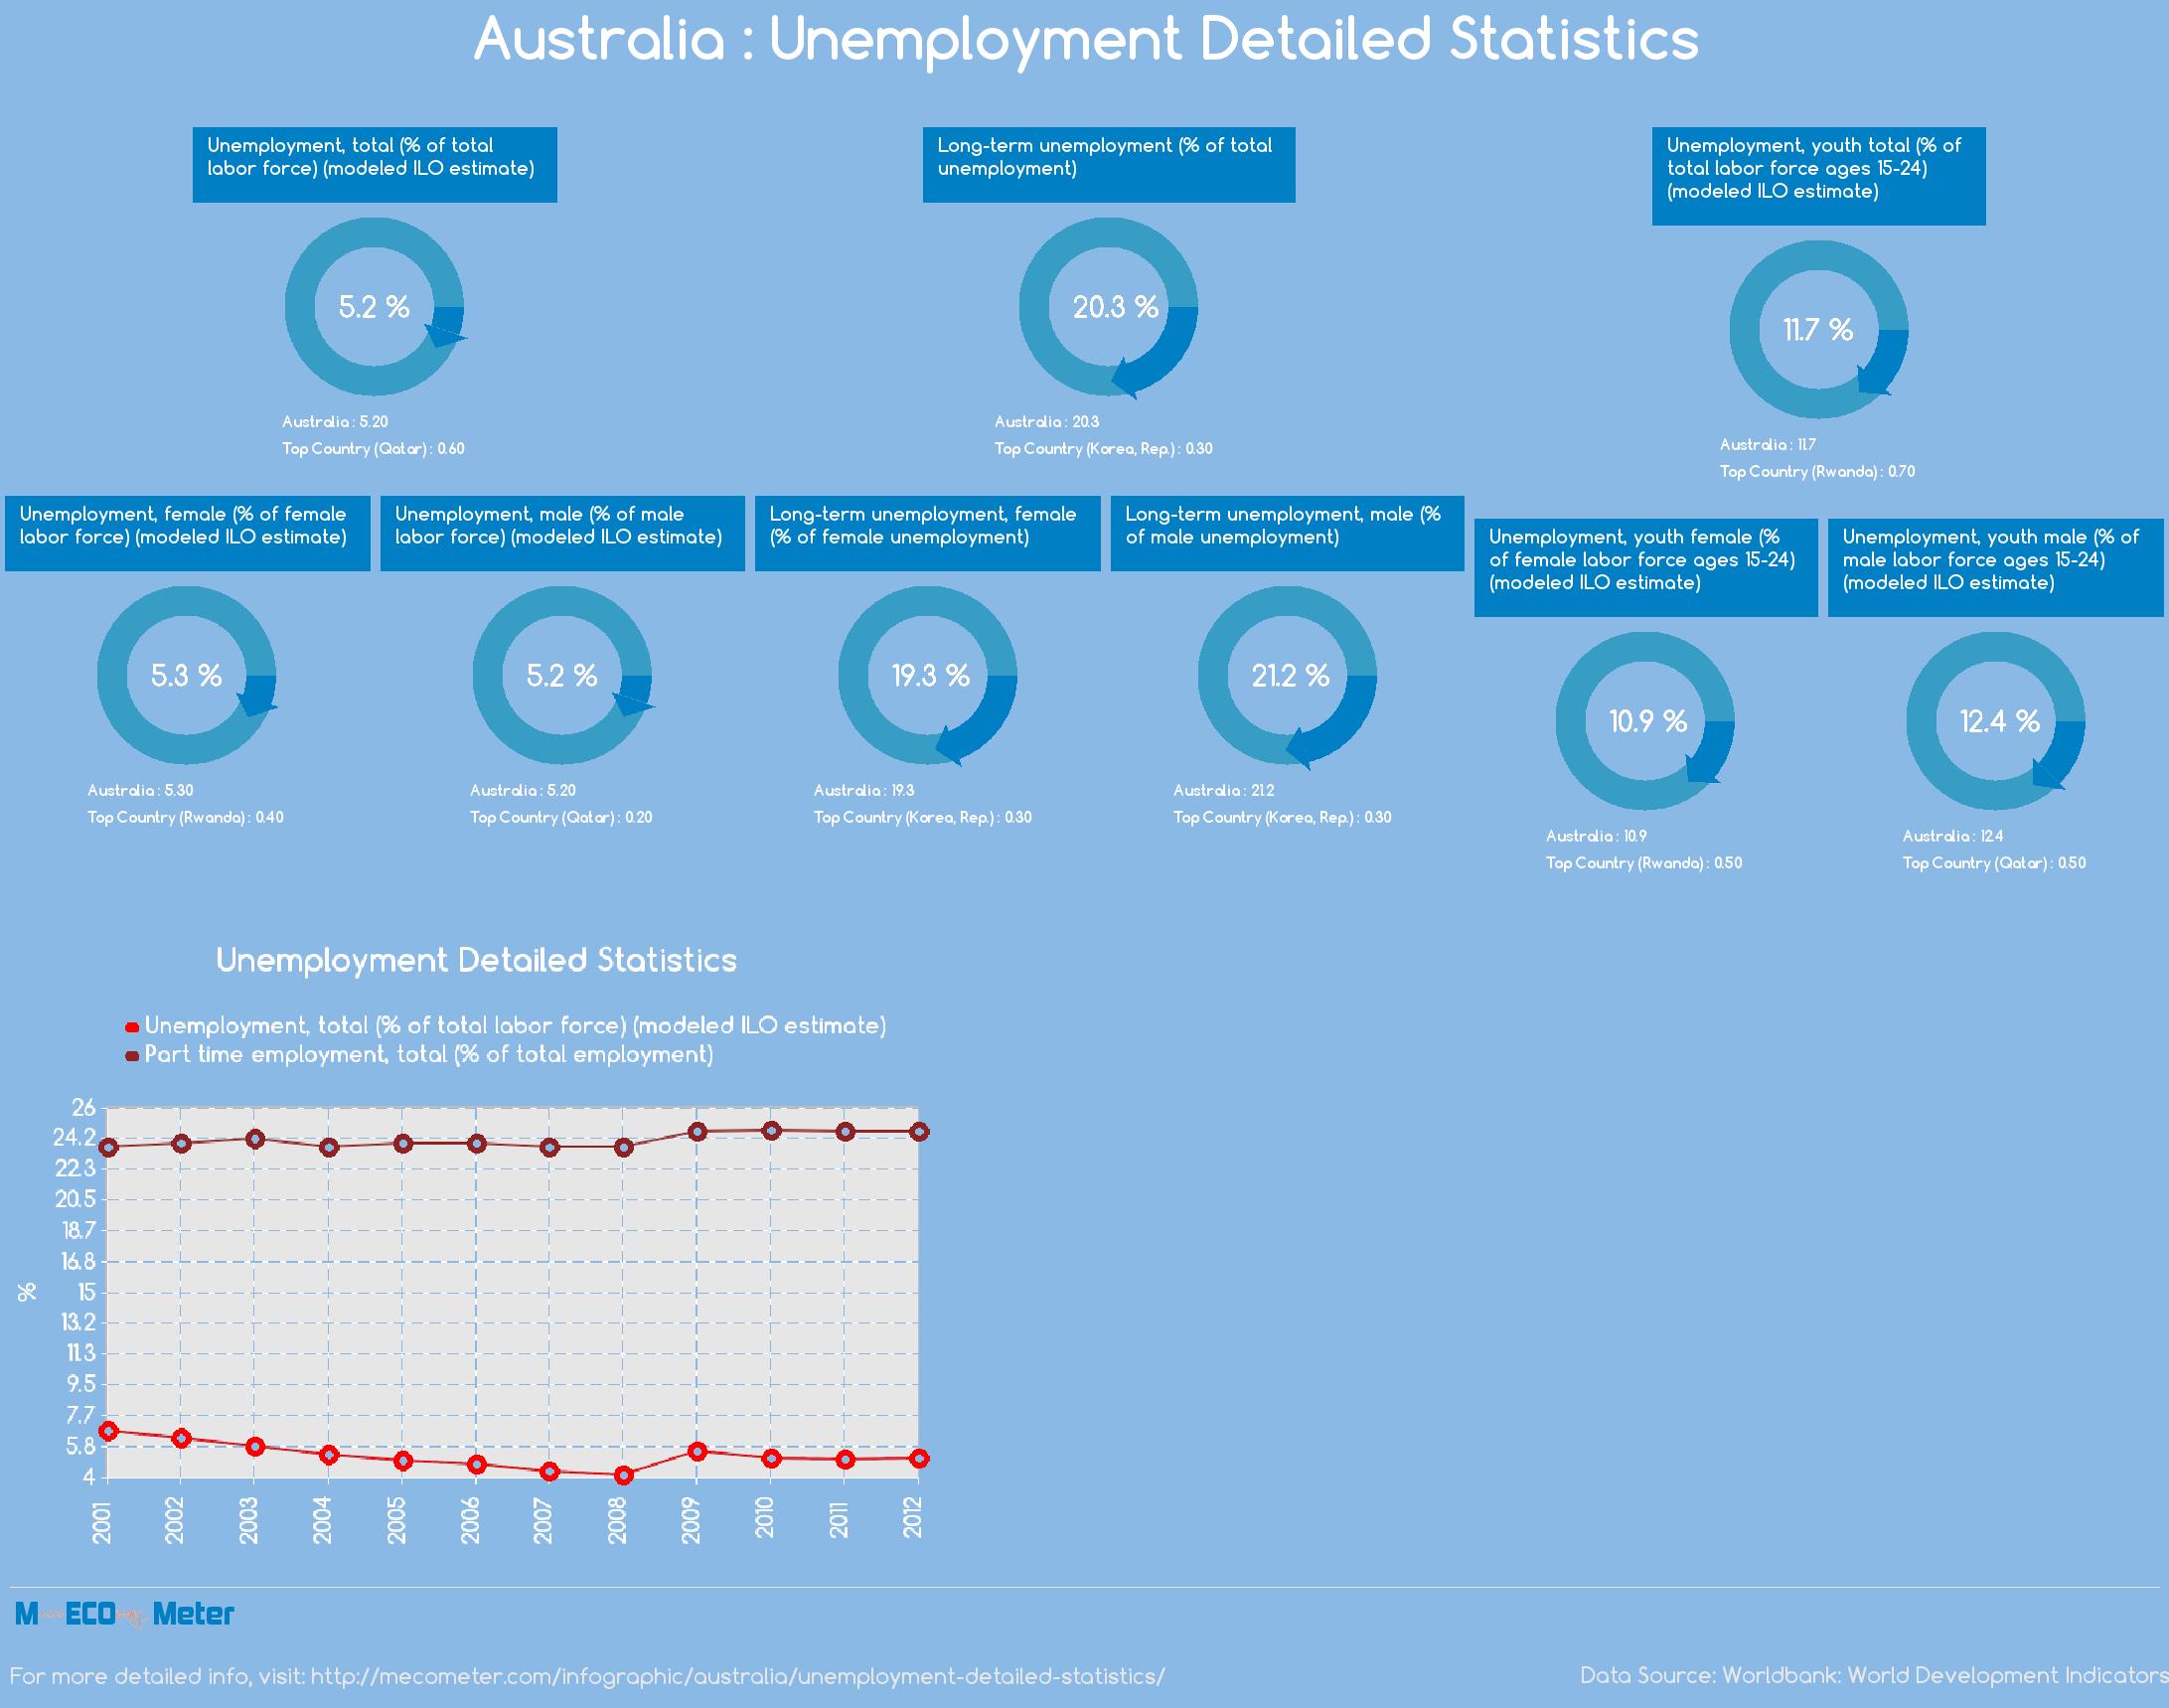 Australia : Unemployment Detailed Statistics